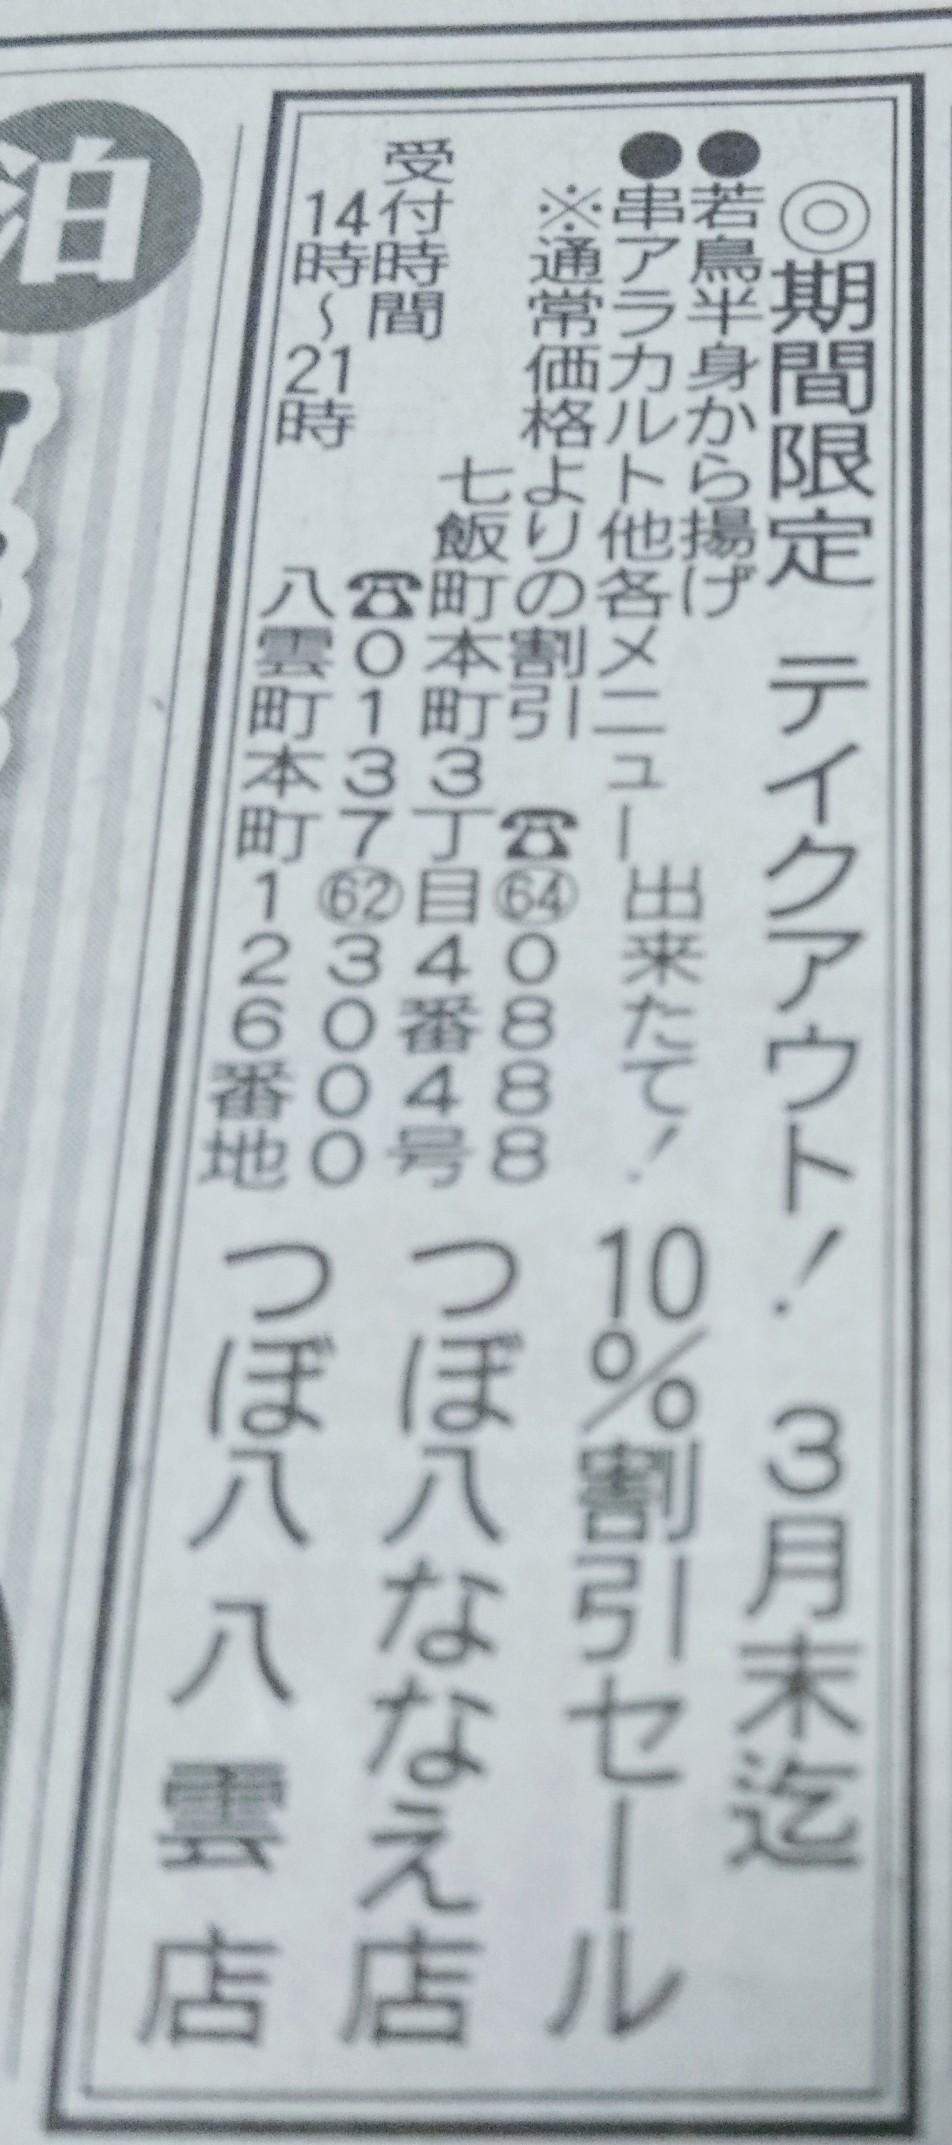 期間限定テイクアウト。つぼ八ななえ店、つぼ八八雲店。北海道新聞広告より。_b0106766_07013976.jpg